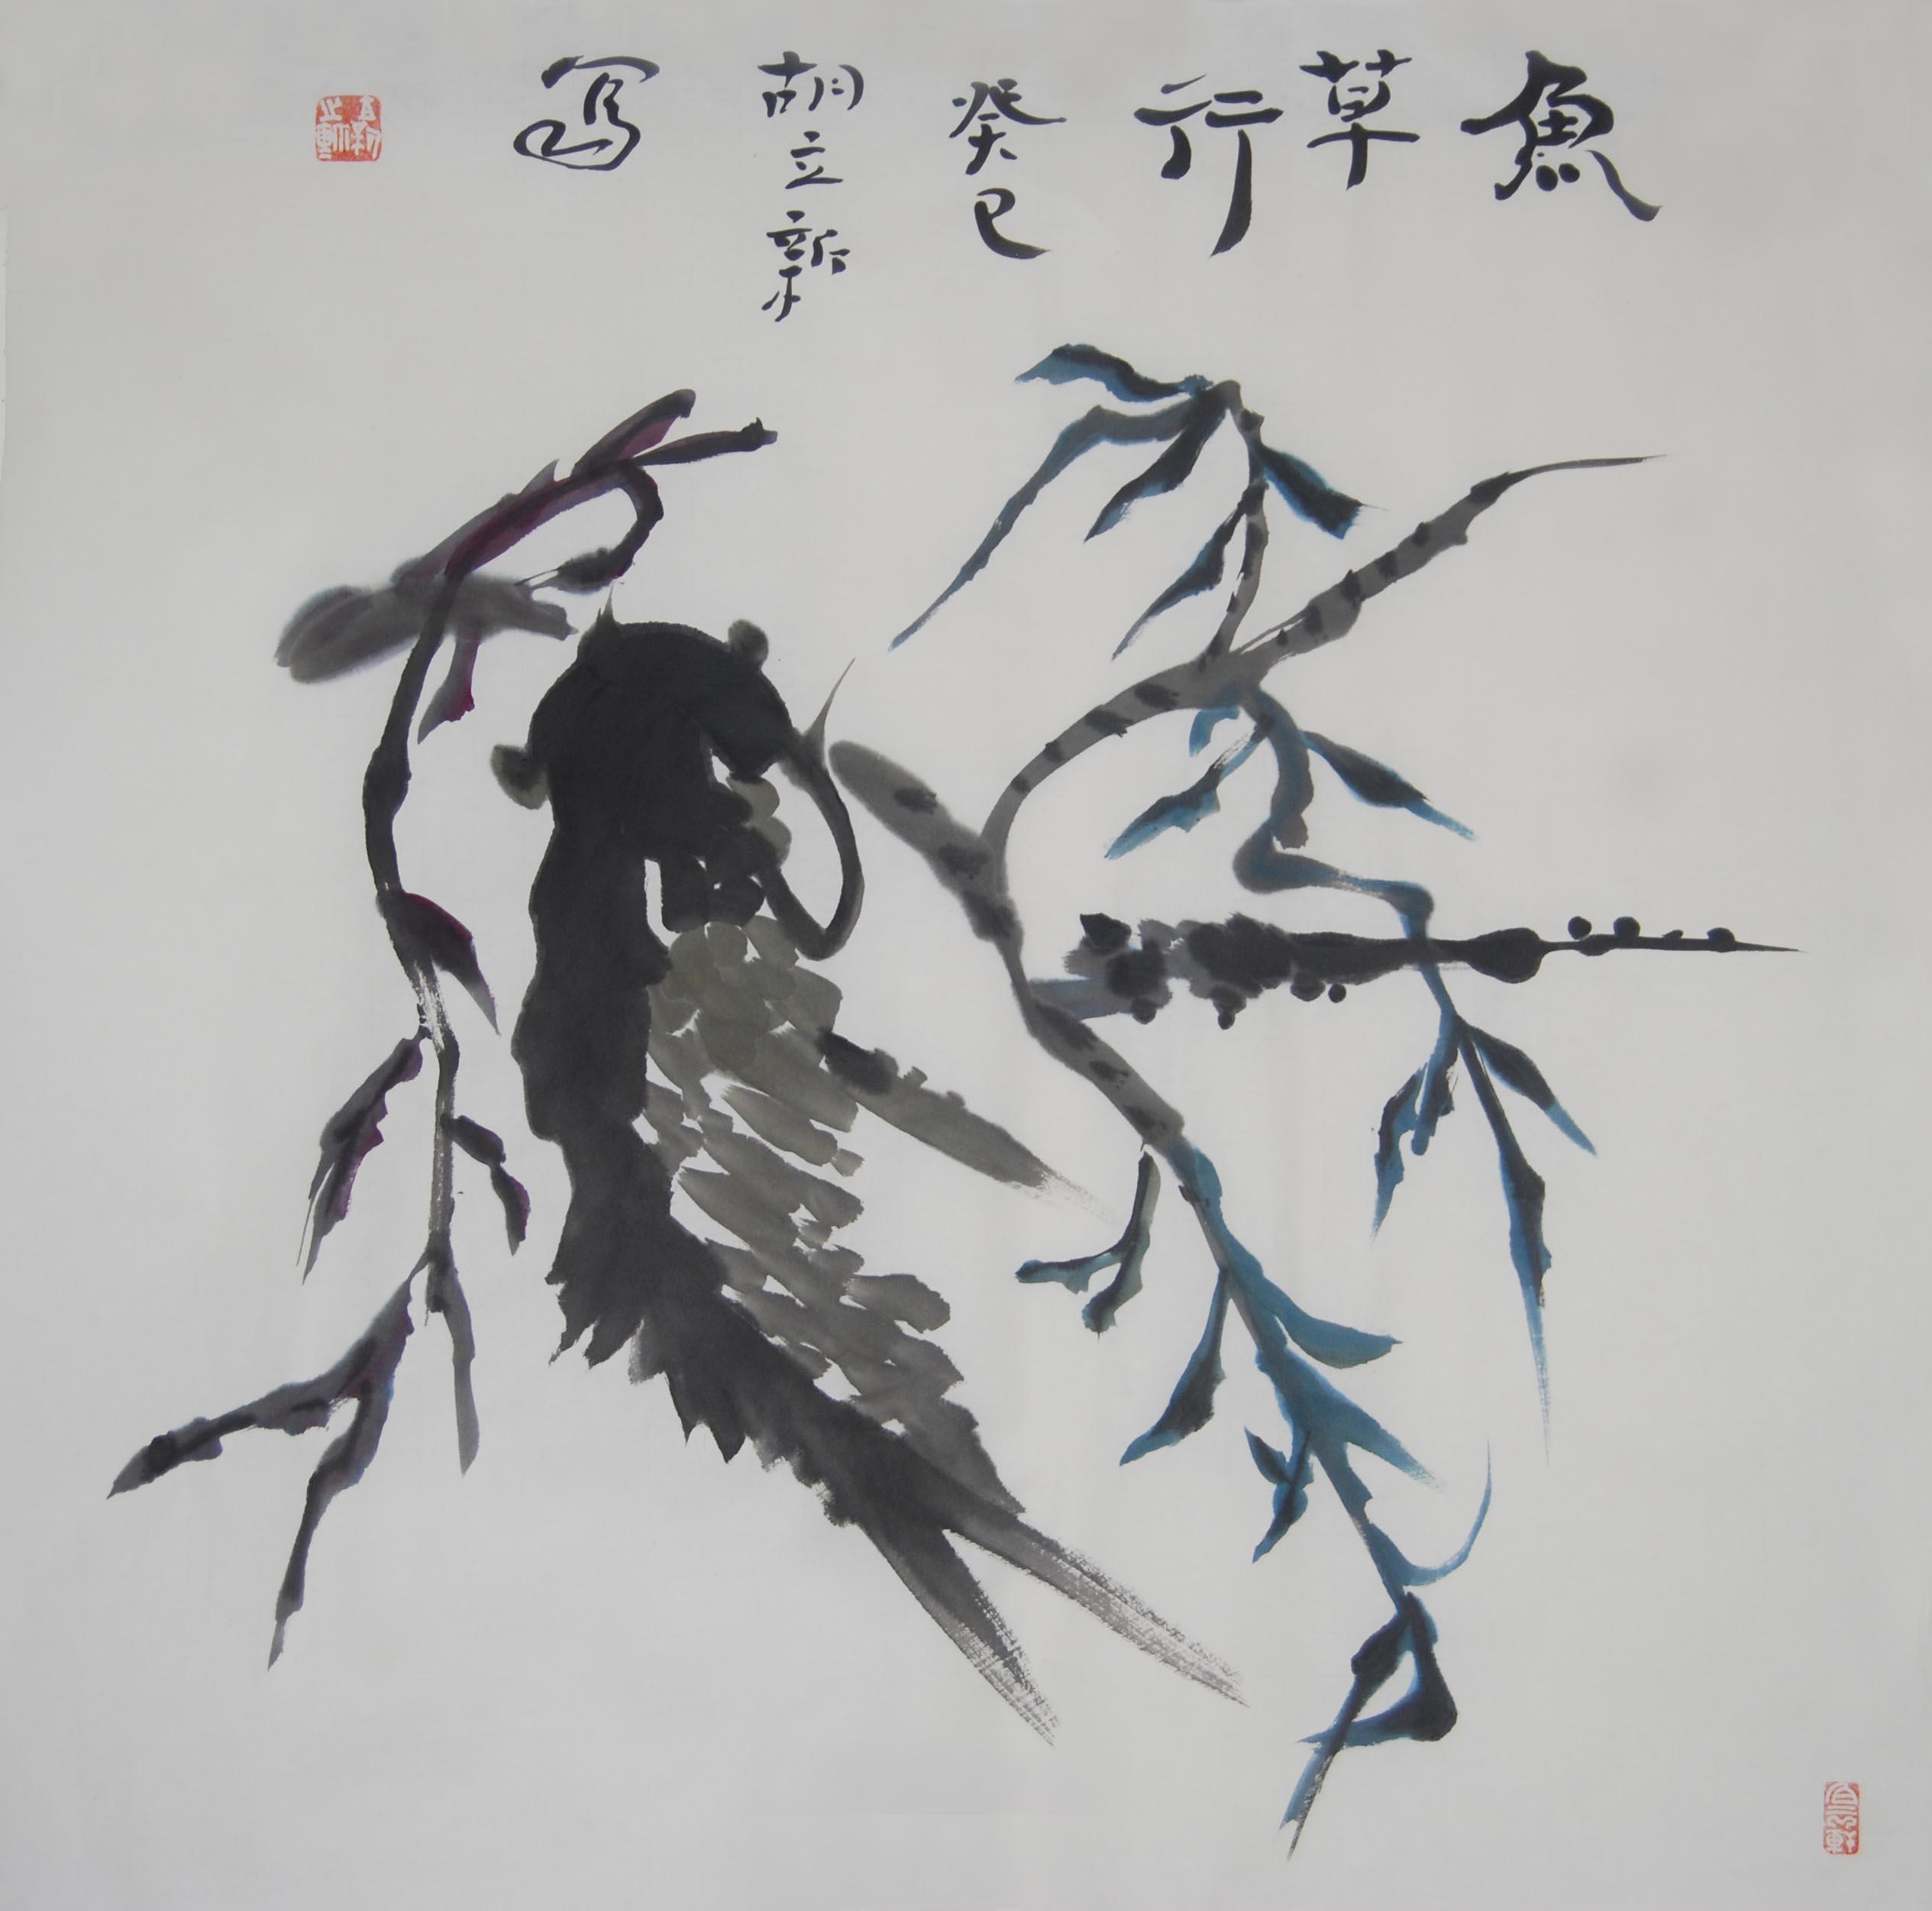 胡立新居士水墨写意画——鱼草行